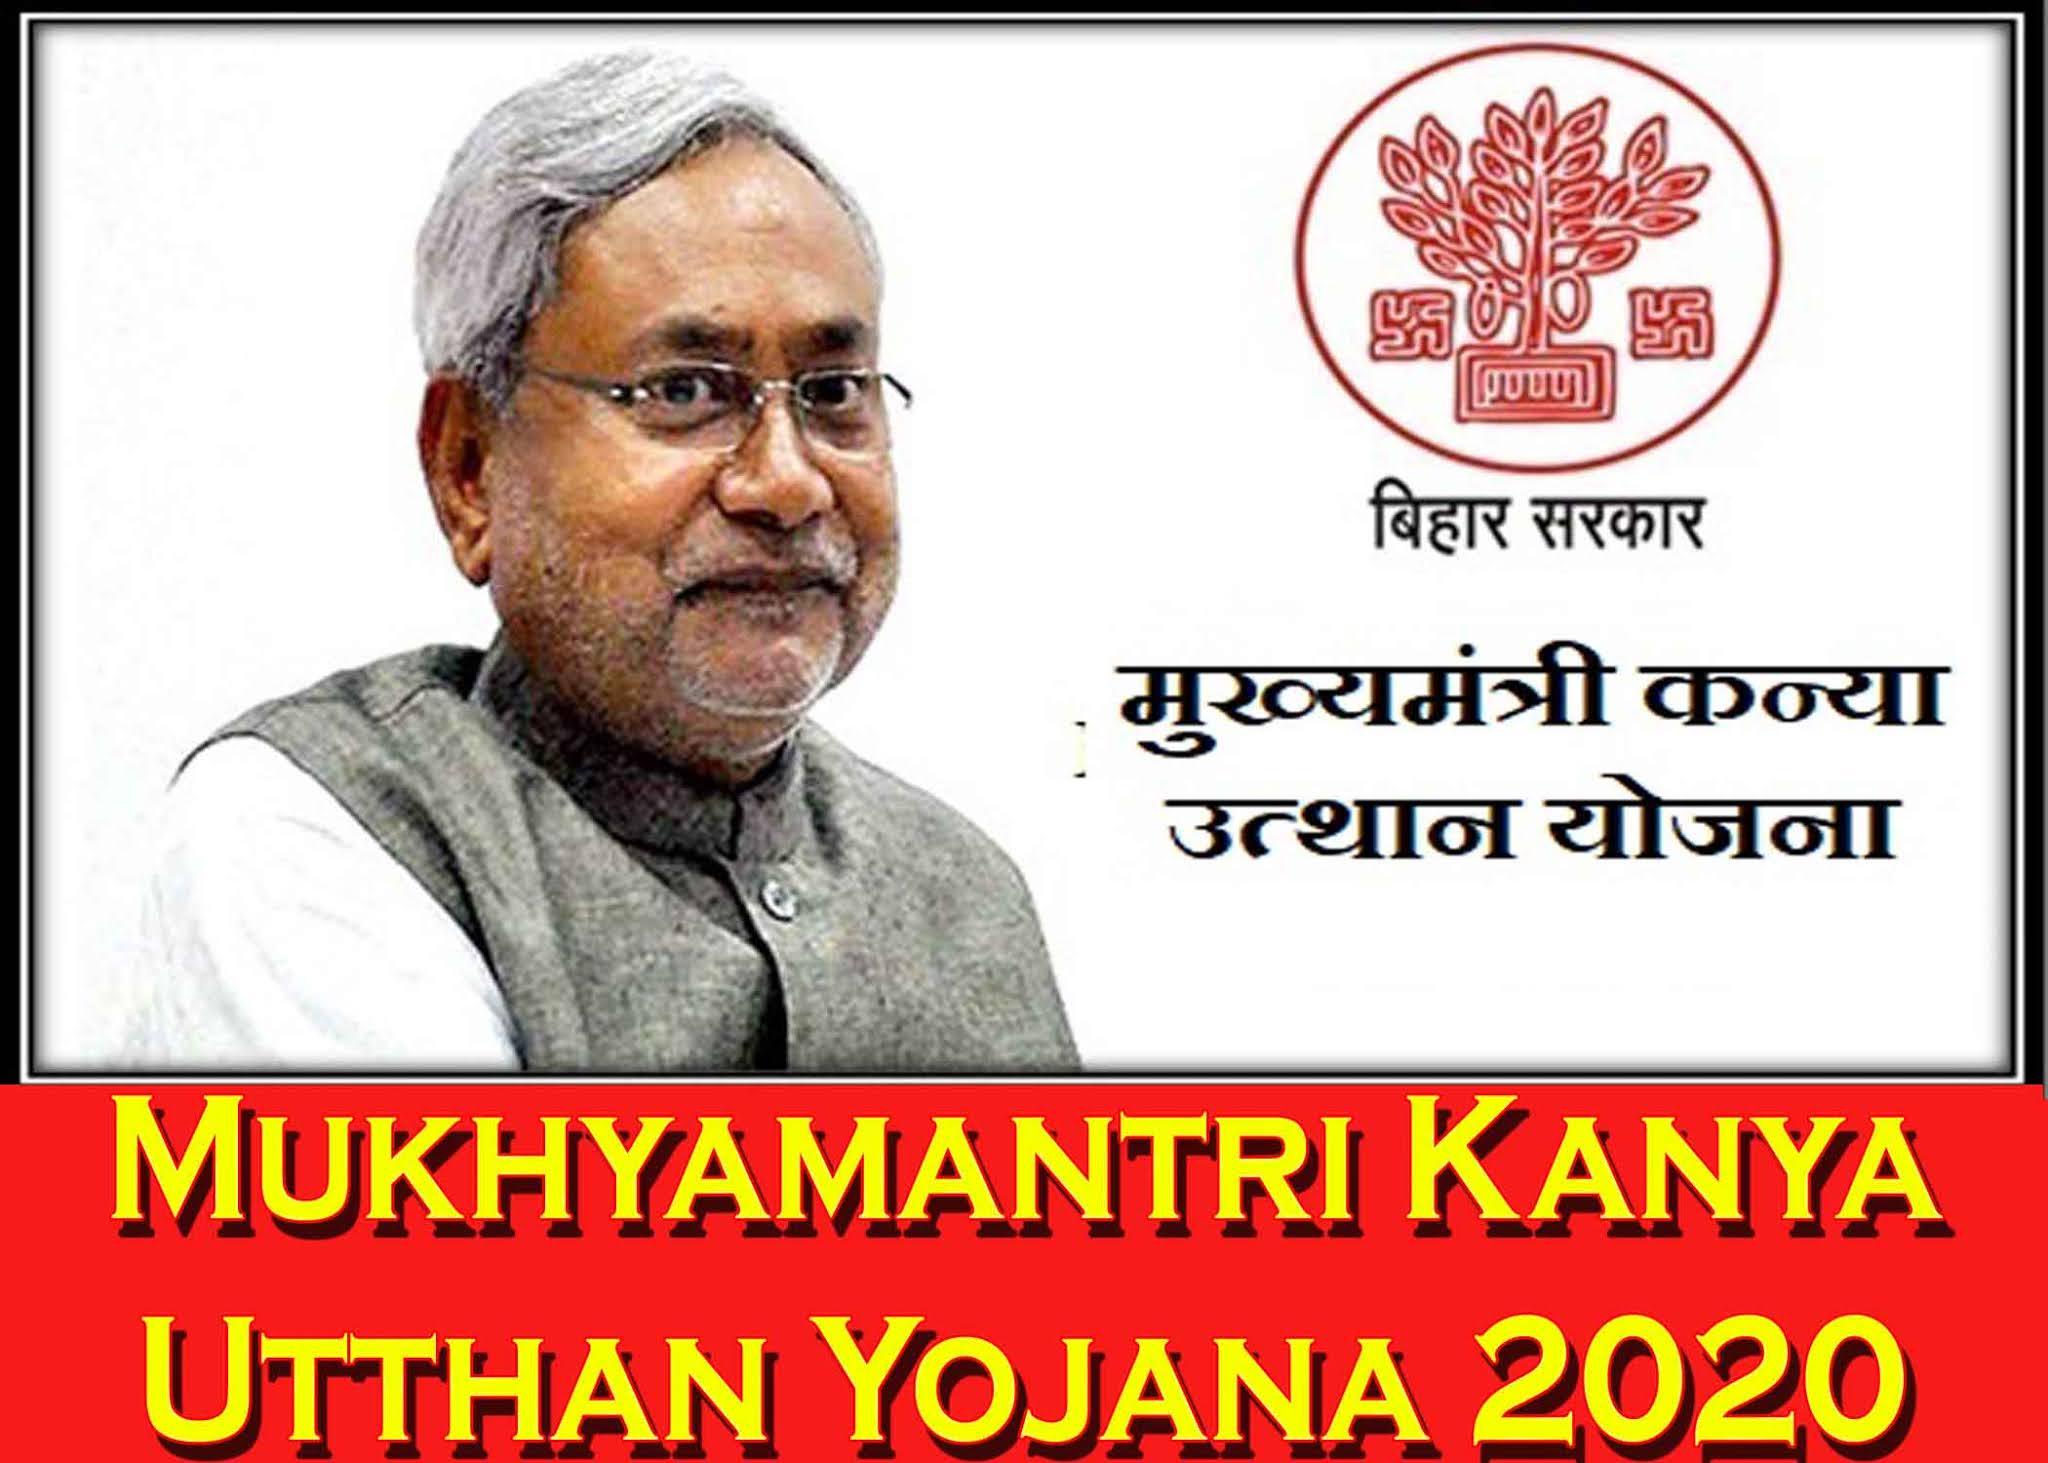 Mukhyamantri Kanya Utthan Yojana 2020 : 12th Pass Online